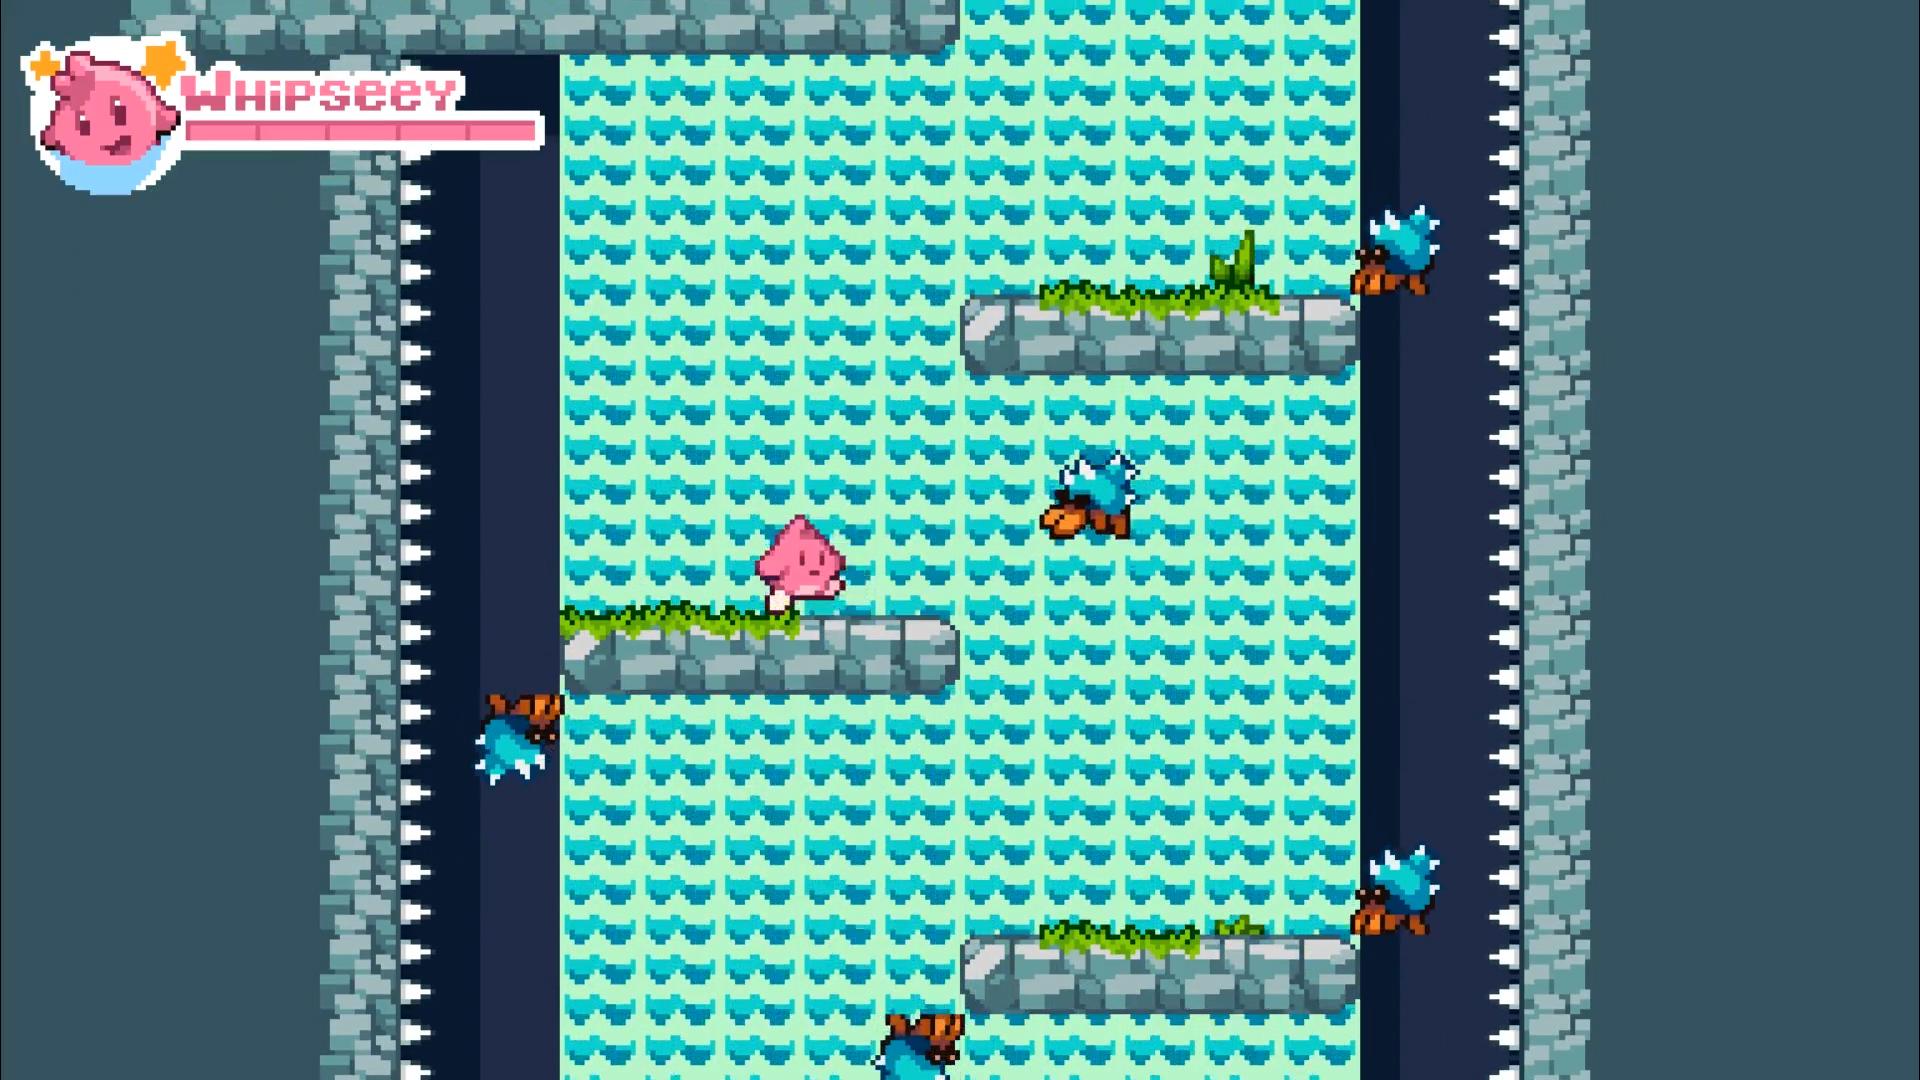 Whipseey_Reveal_Screengrab_03.jpg